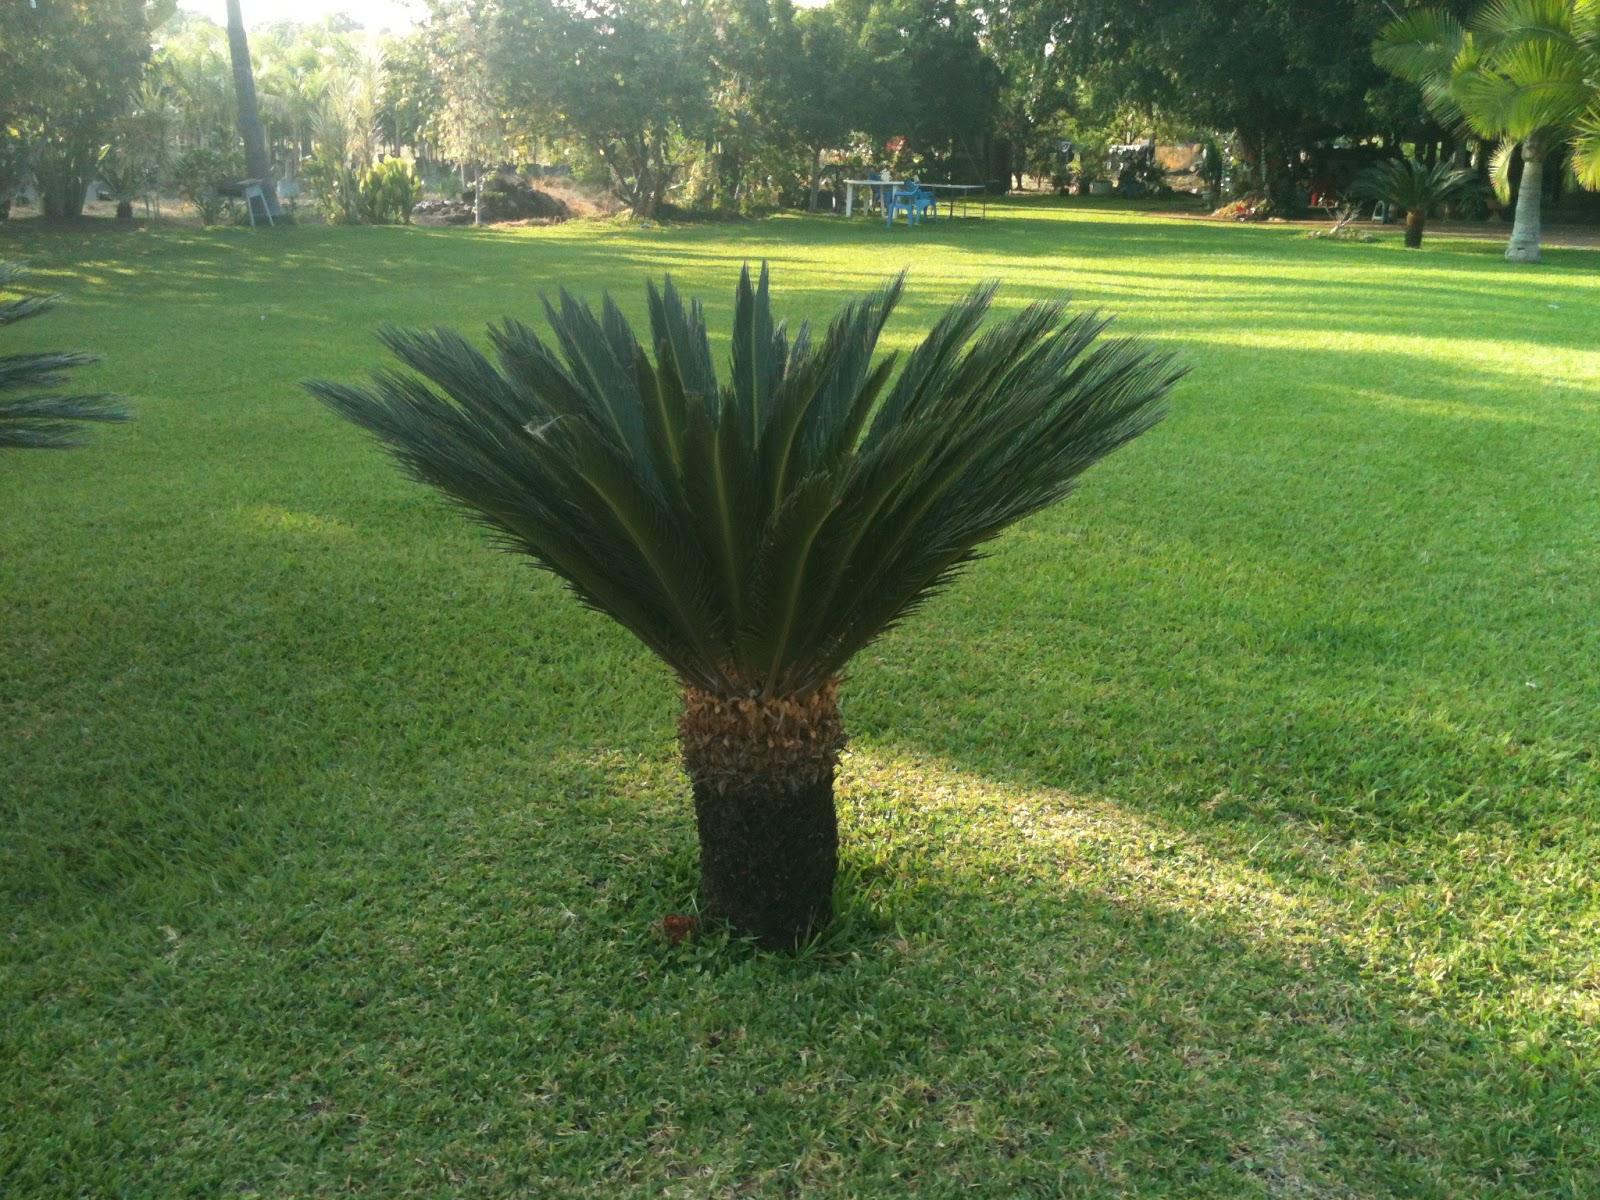 Cuentame plantas de ornato for Viveros de plantas de ornato